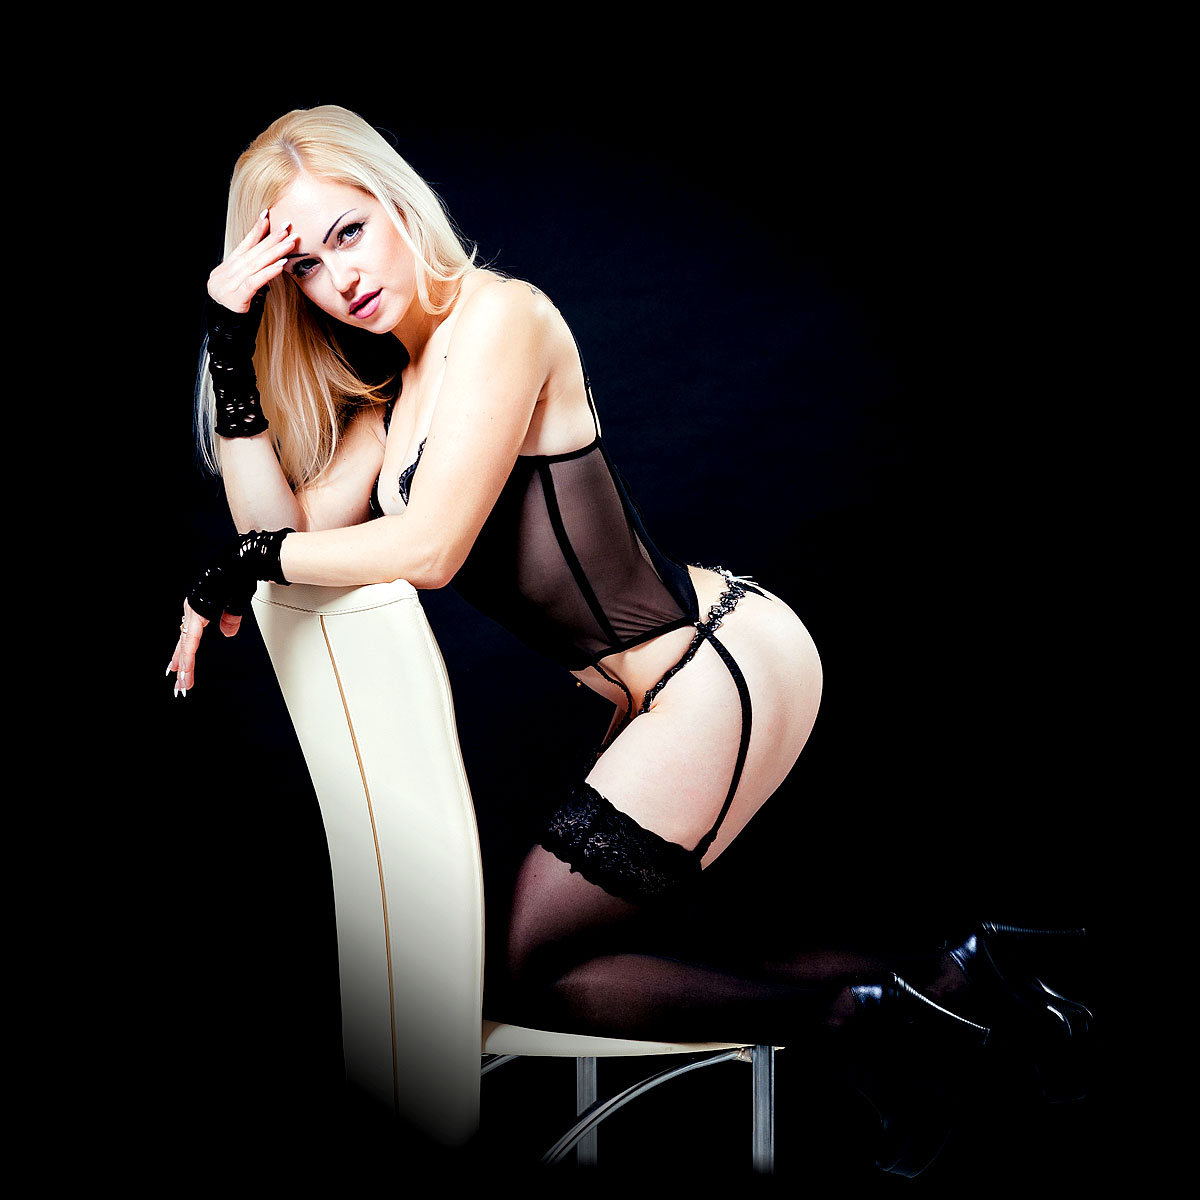 Sexy Blondine in schwarzen Dessous